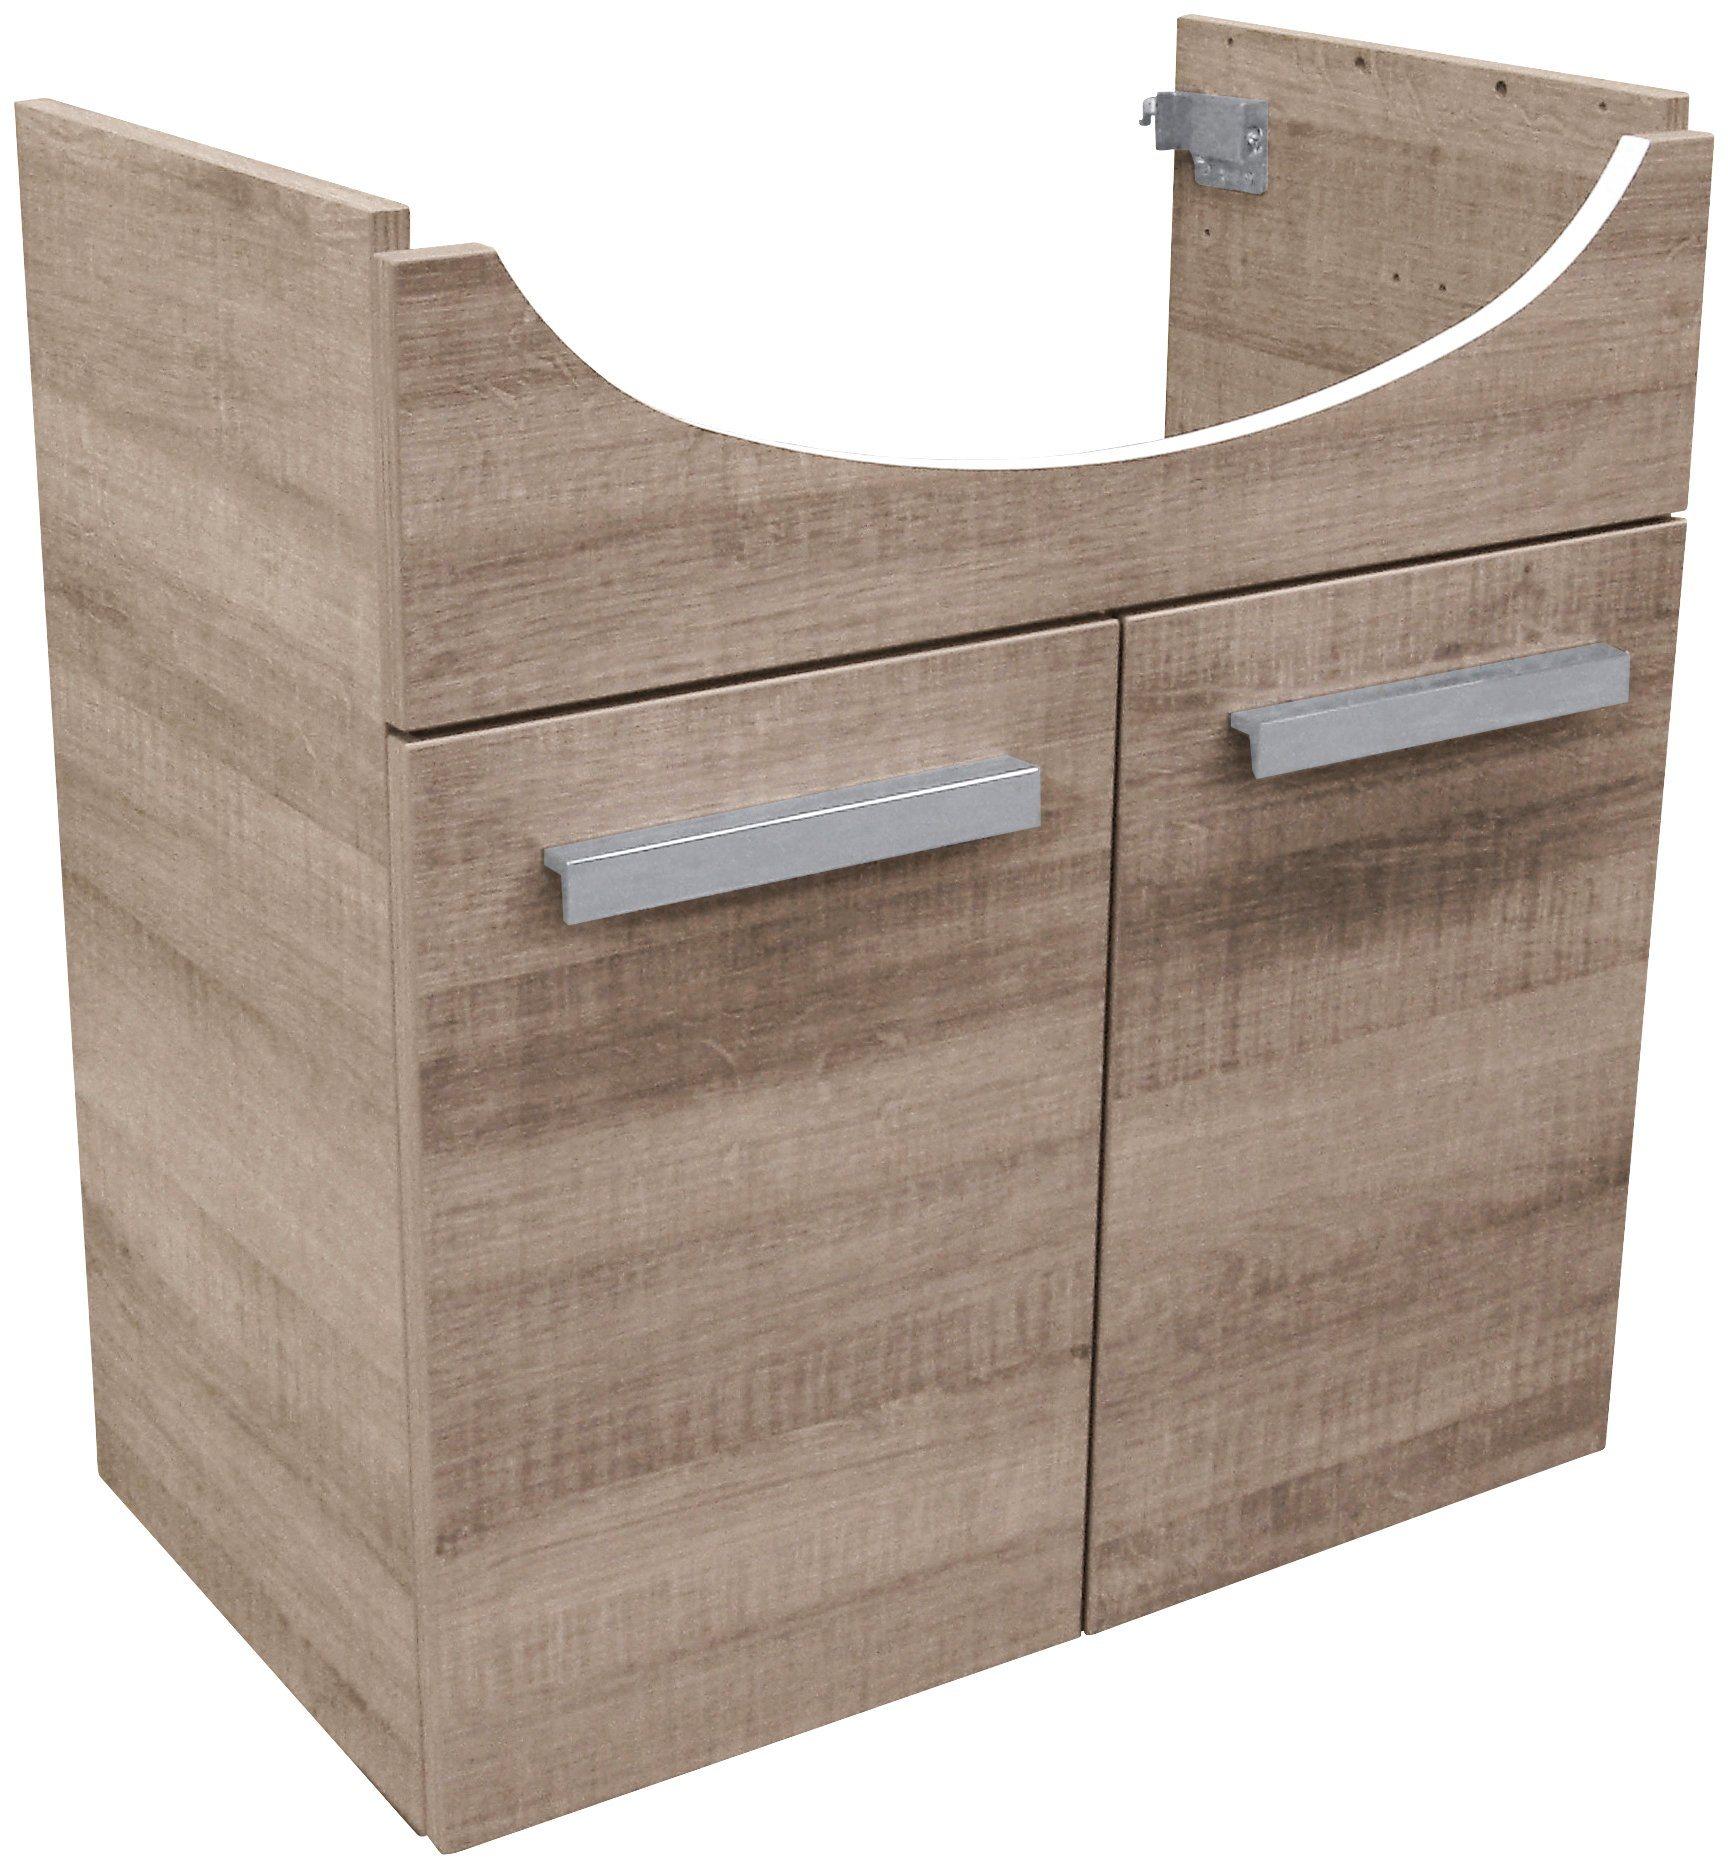 Waschtischunterbau »A-Vero«, Breite 62,5 cm